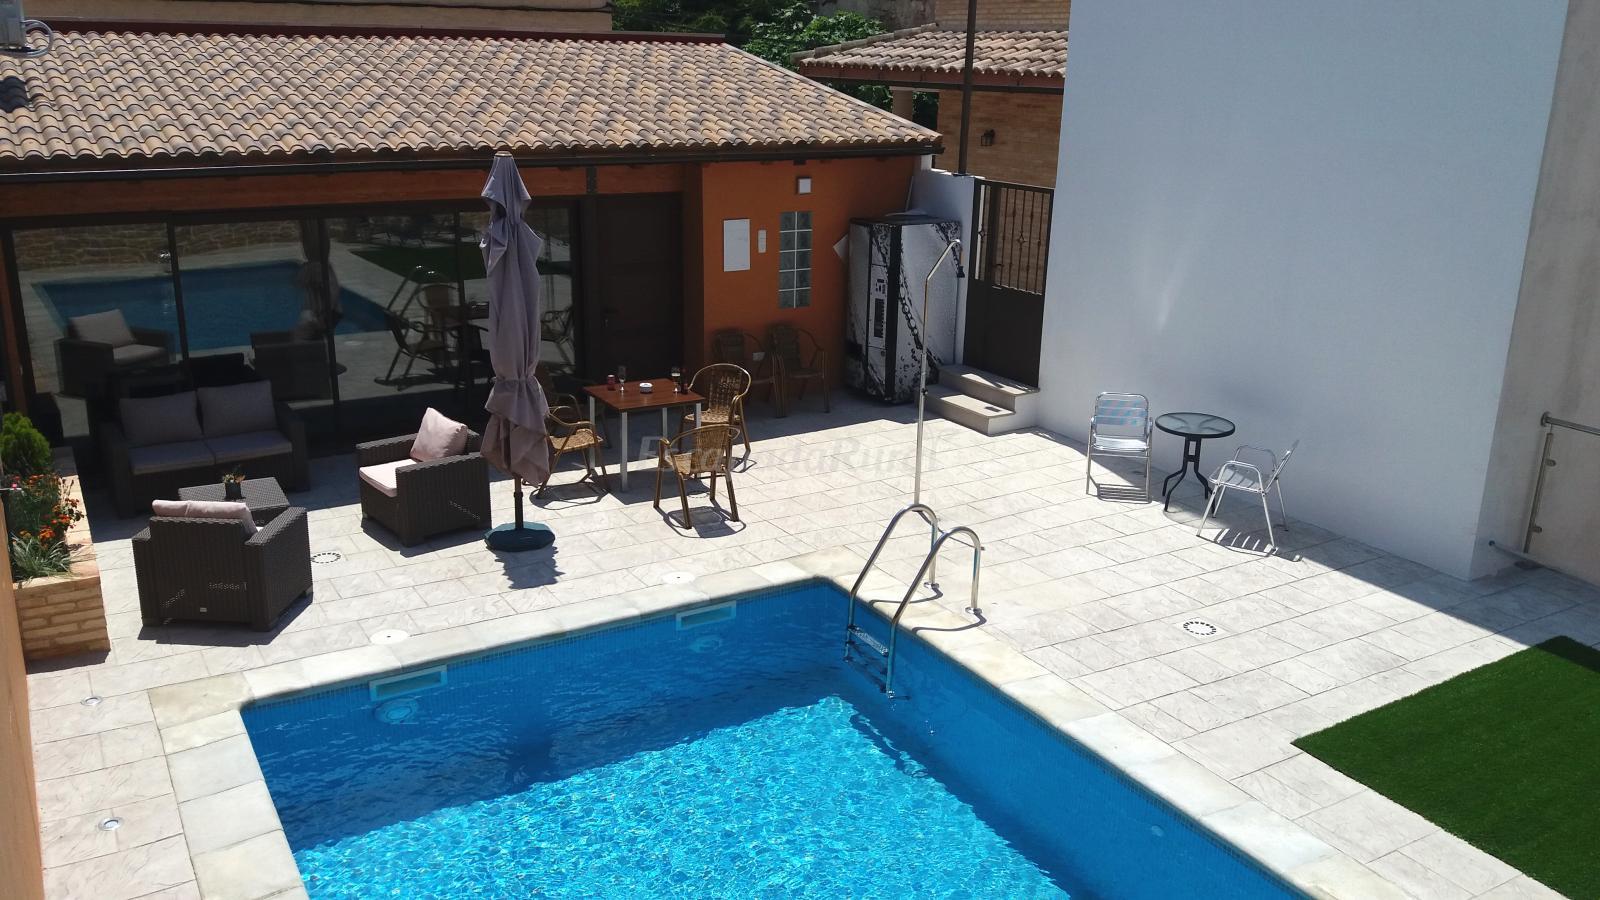 Fotos de bielas y pistones apart rurales las eras casa rural en castelser s teruel - Casas rurales teruel con piscina ...